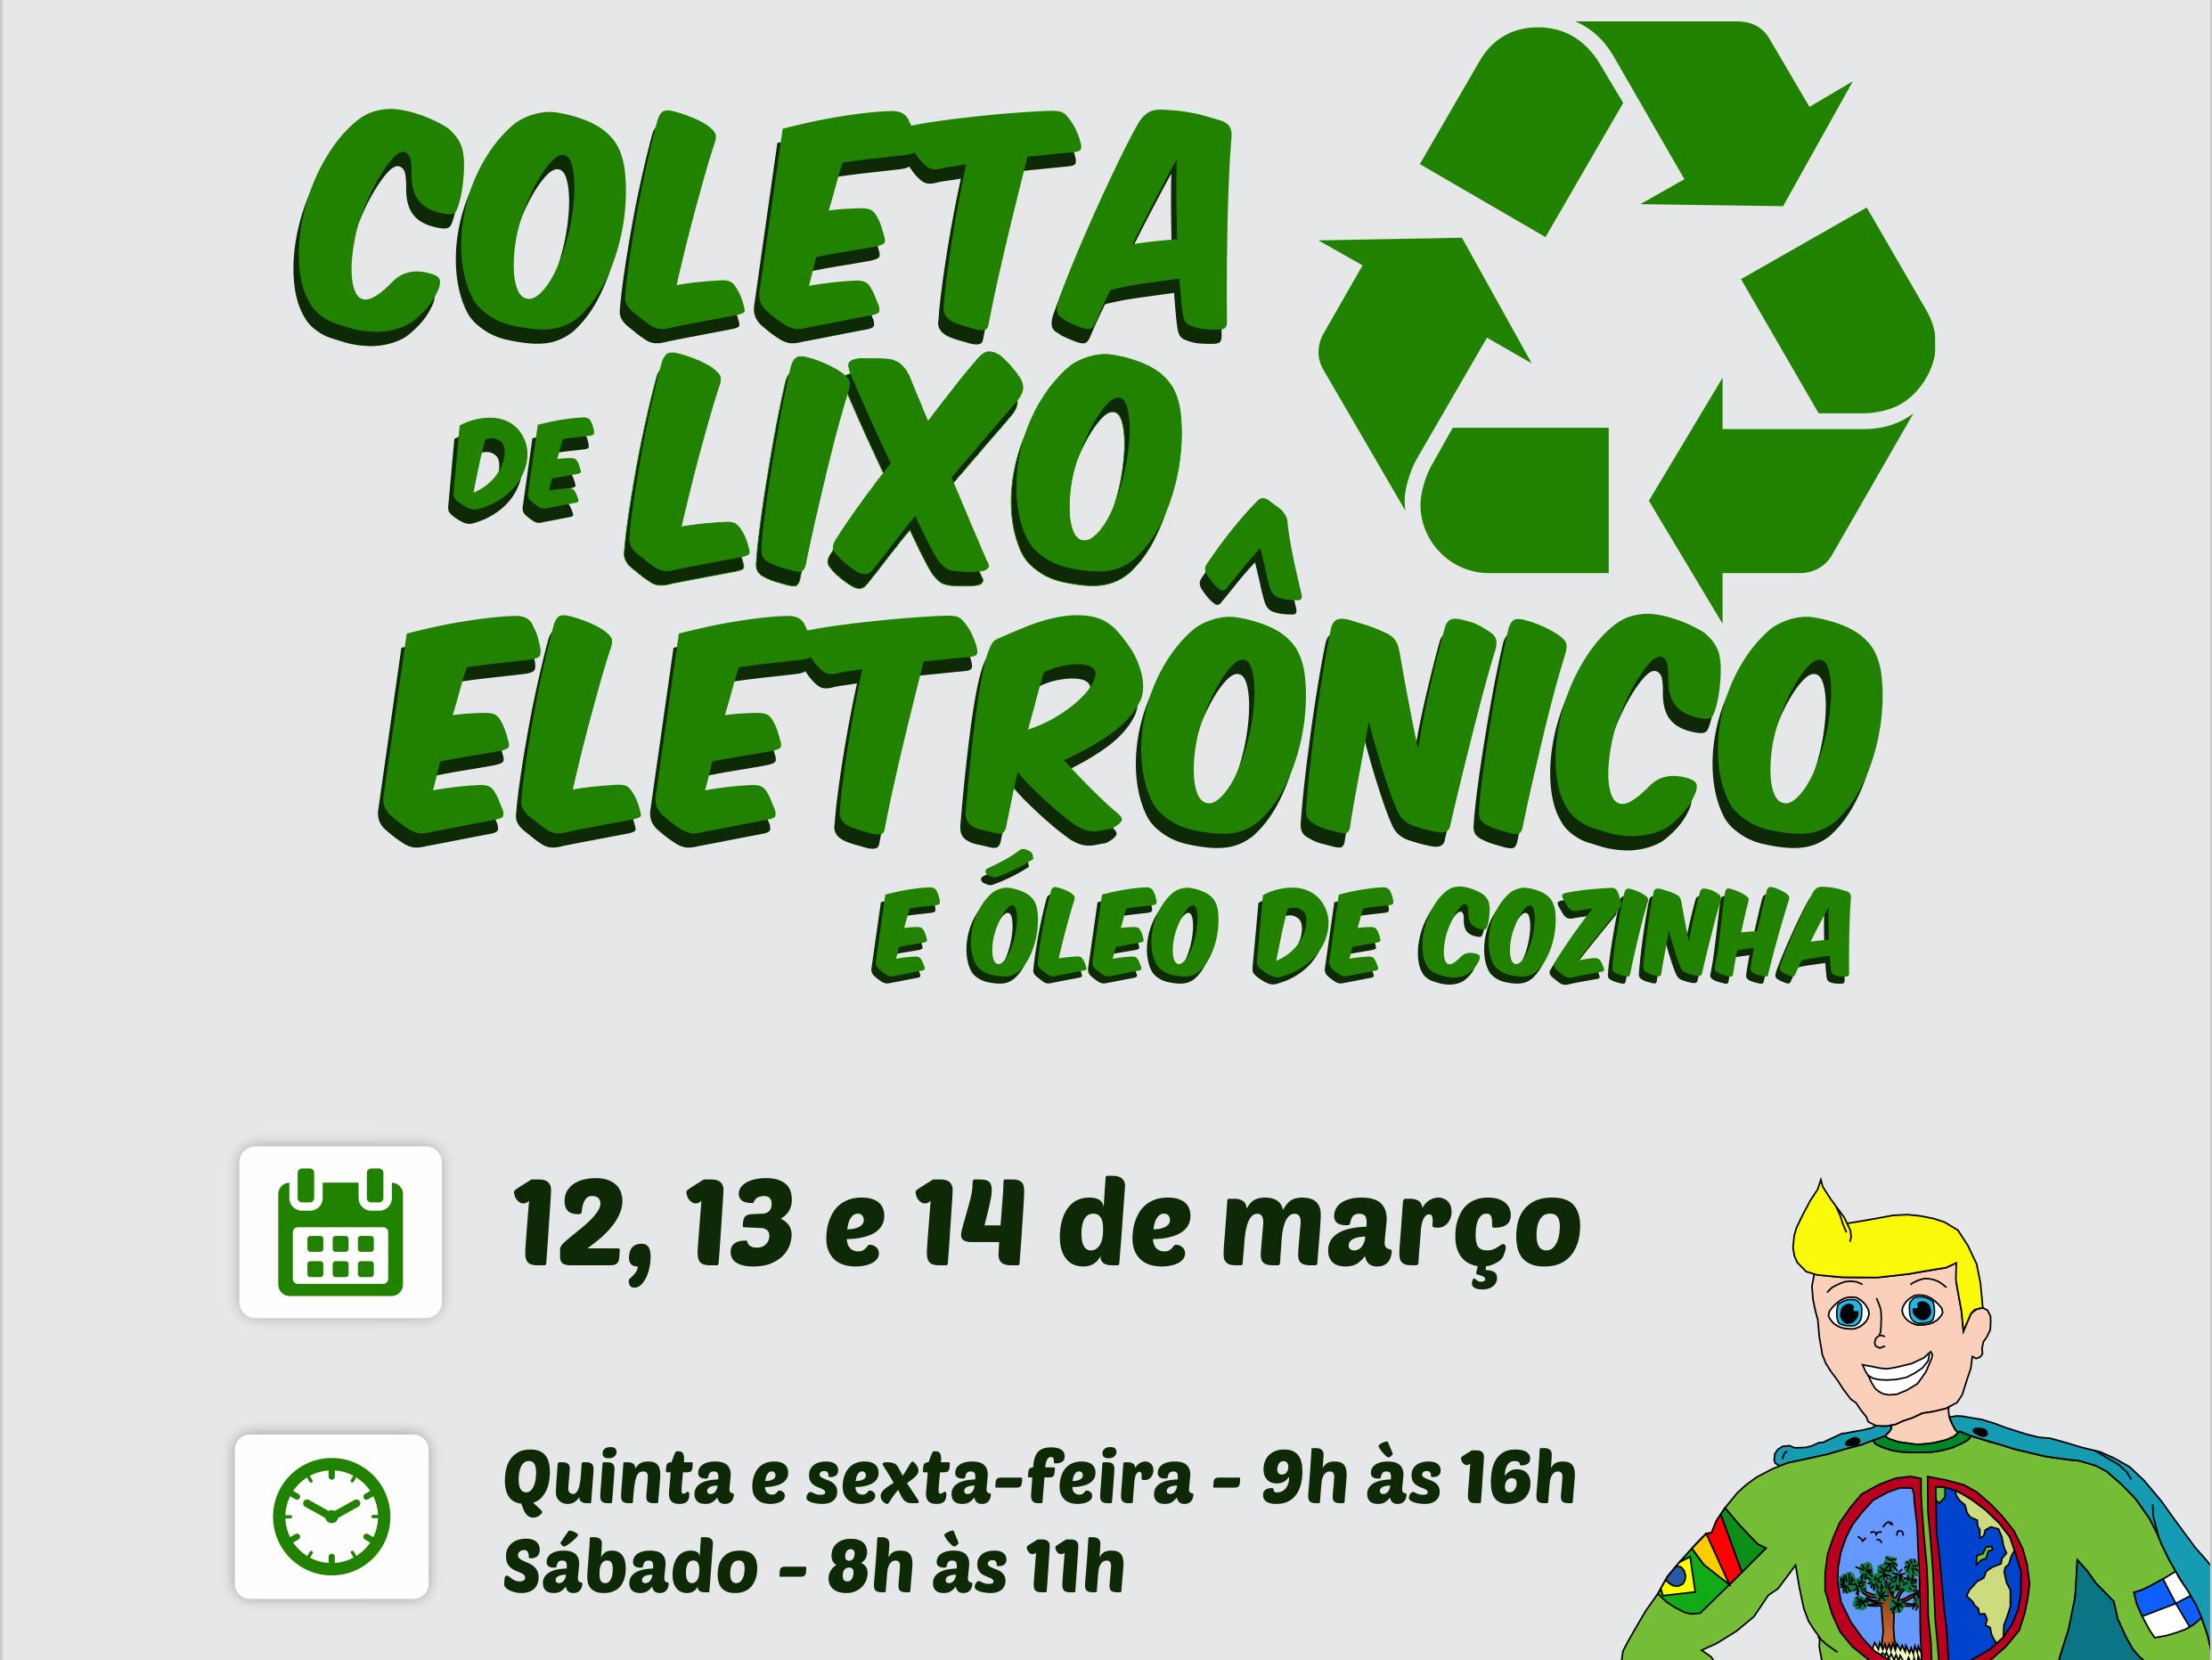 Foto de capa da notícia: Coleta de lixo eletrônico e óleo de cozinha será dias 12, 13 e 14 de março